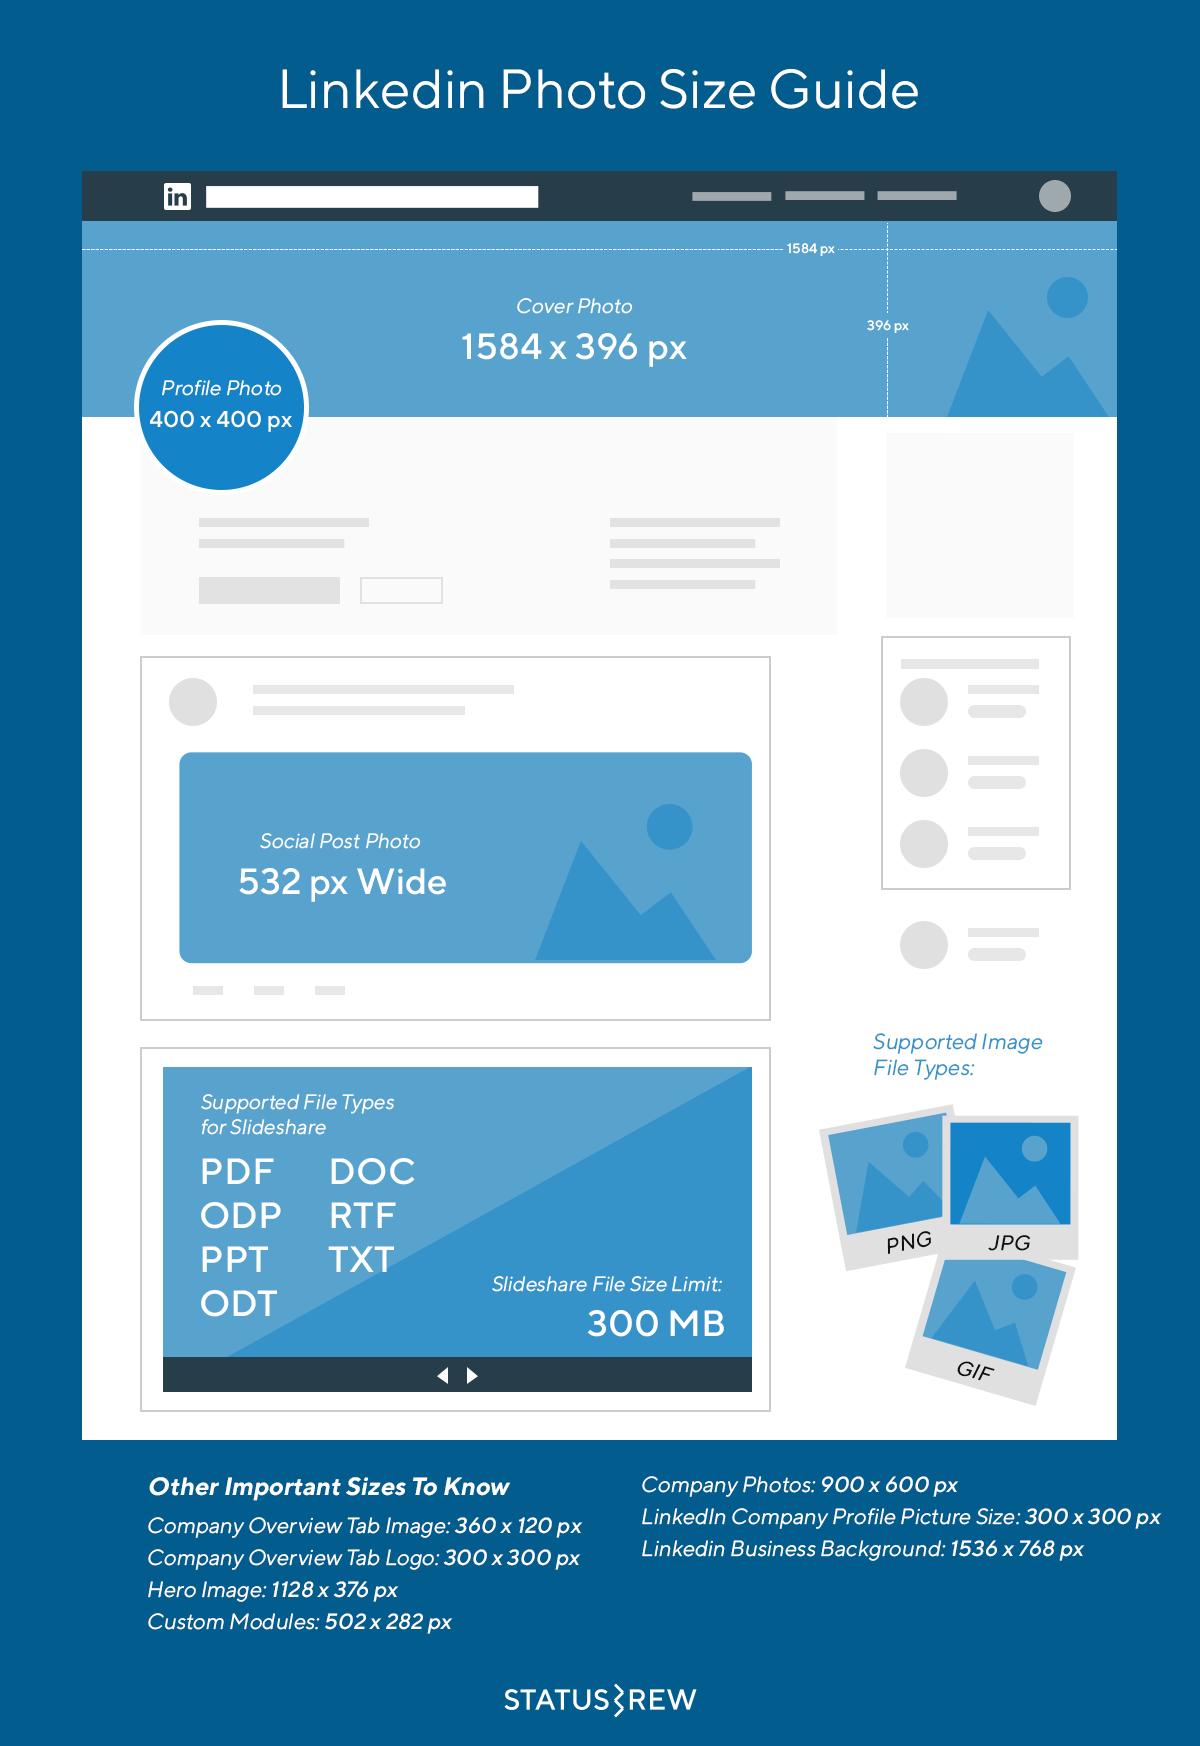 LinkedIn image sizes infographic